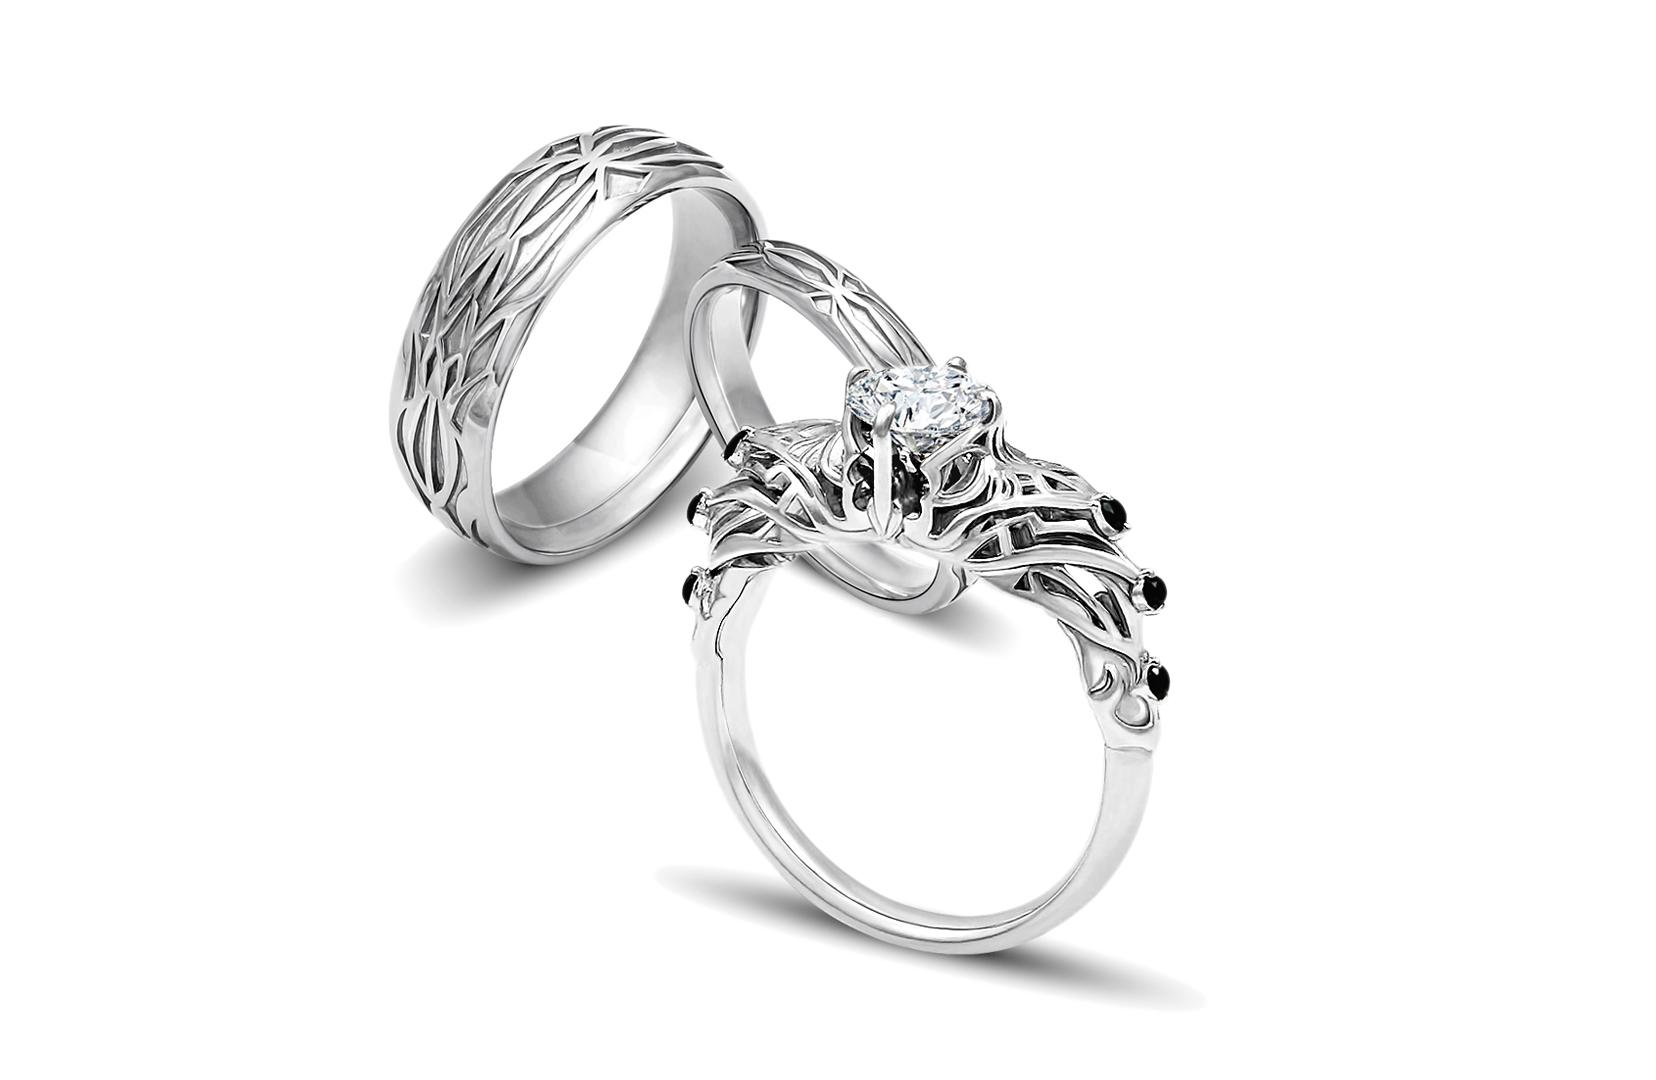 featured-image-diablo-3-rings.jpg